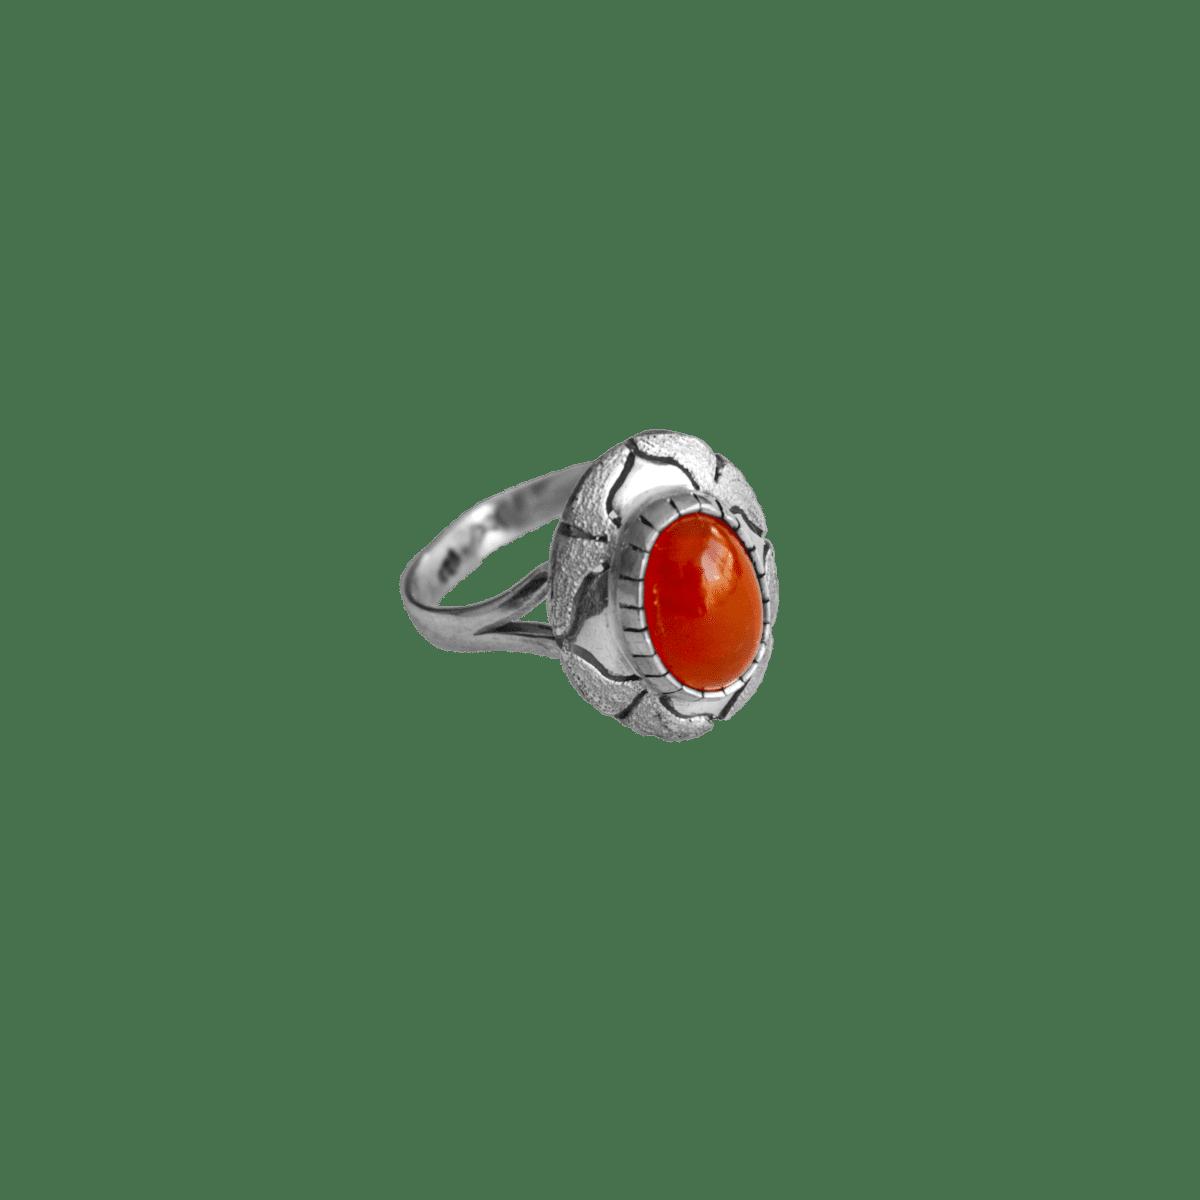 anillo plata opalo naranja intenso 1